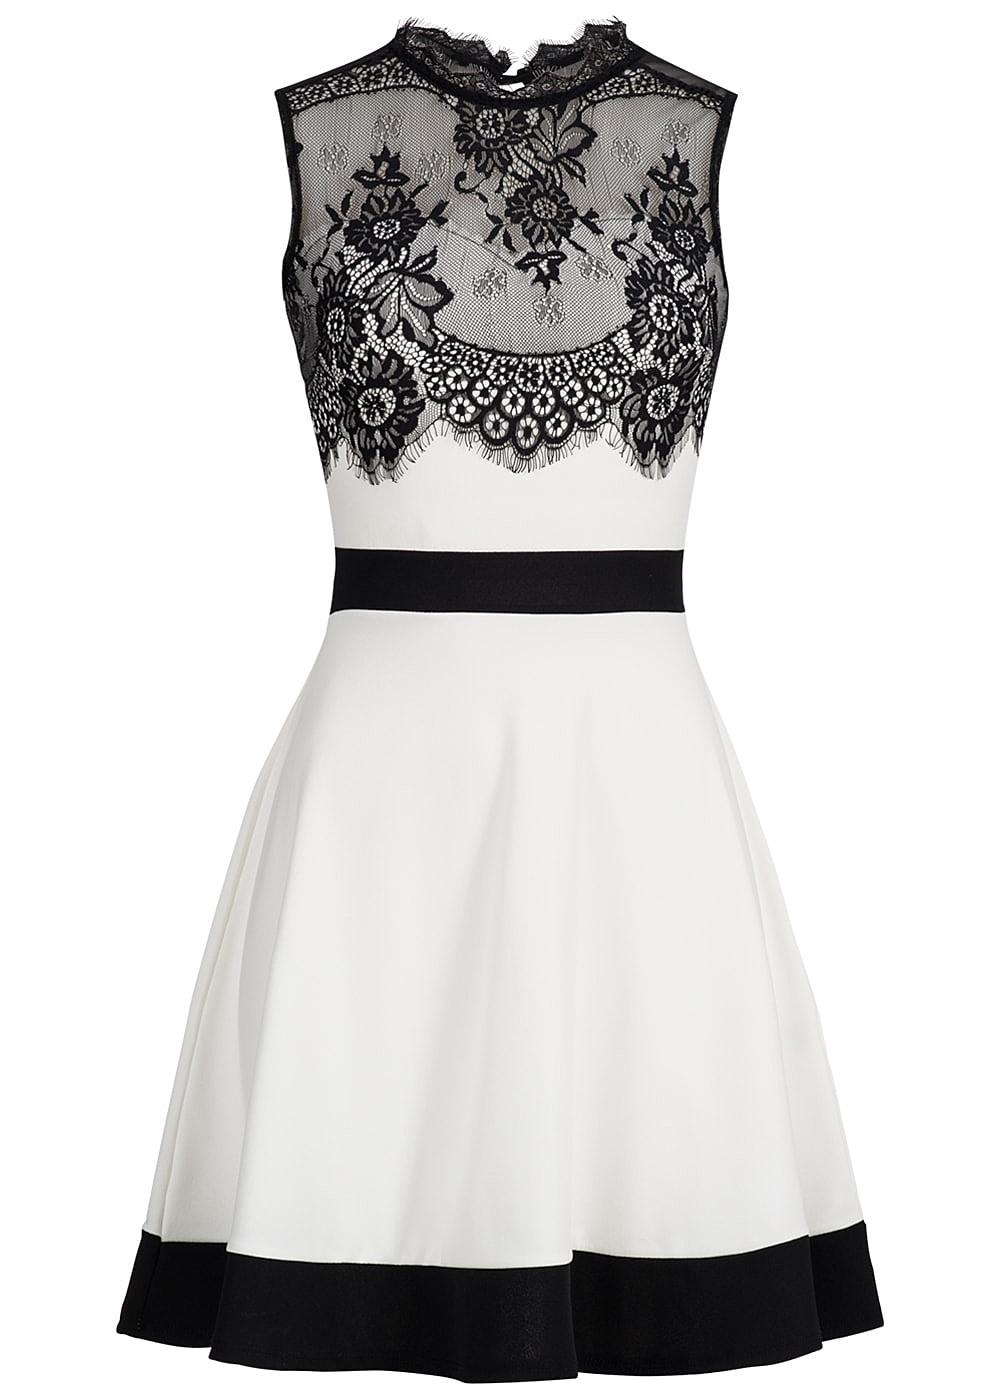 Designer Ausgezeichnet Kleider Weiß Schwarz Vertrieb10 Fantastisch Kleider Weiß Schwarz Vertrieb